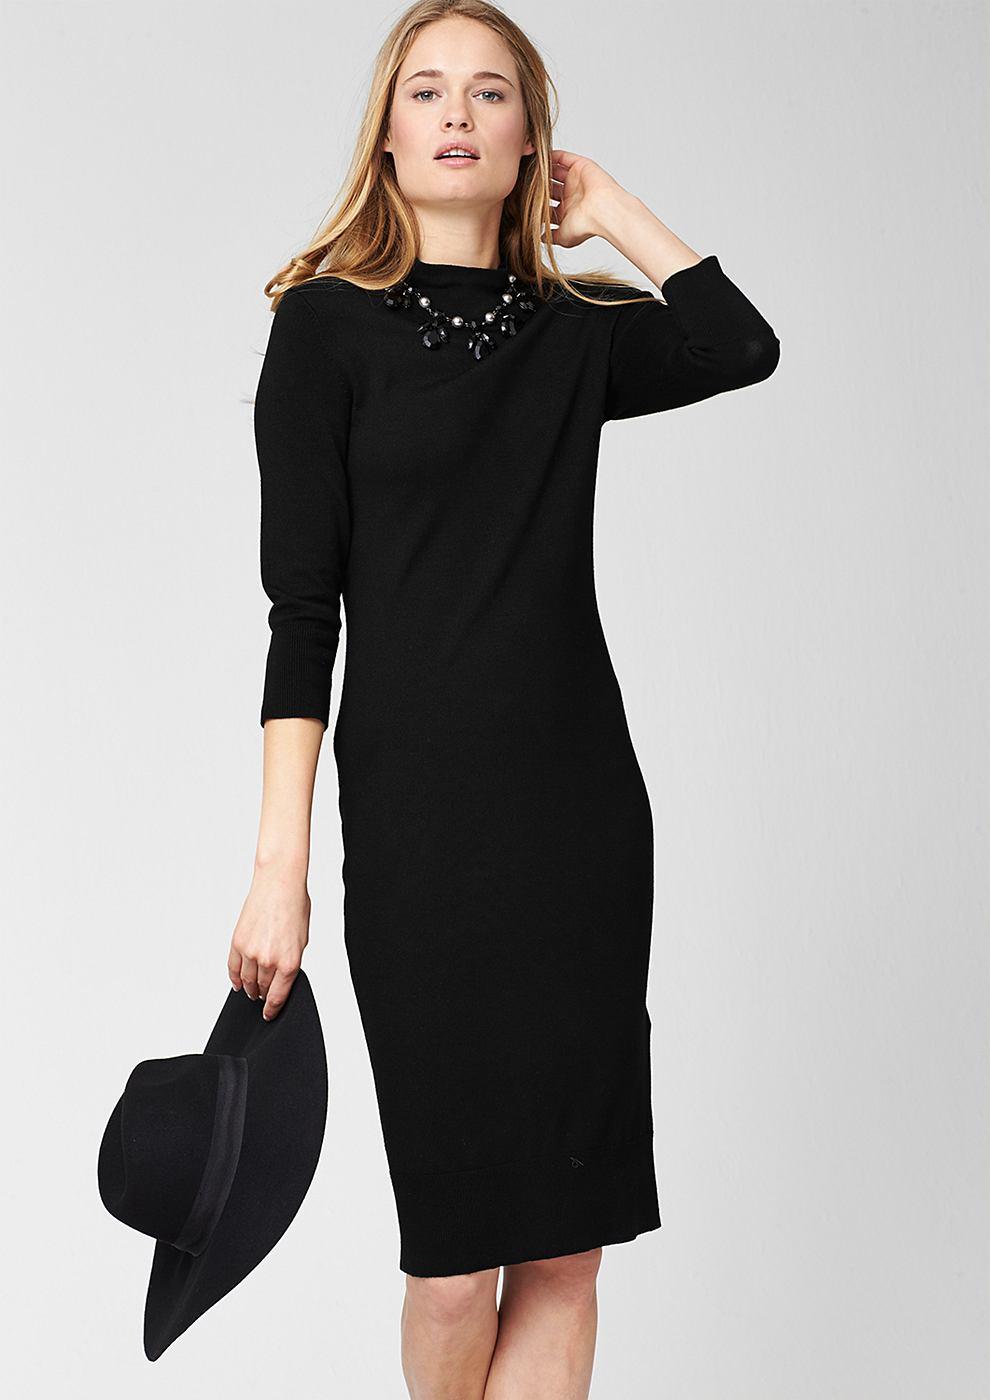 s.Oliver Premium gebreide jurk met een staande kraag zwart